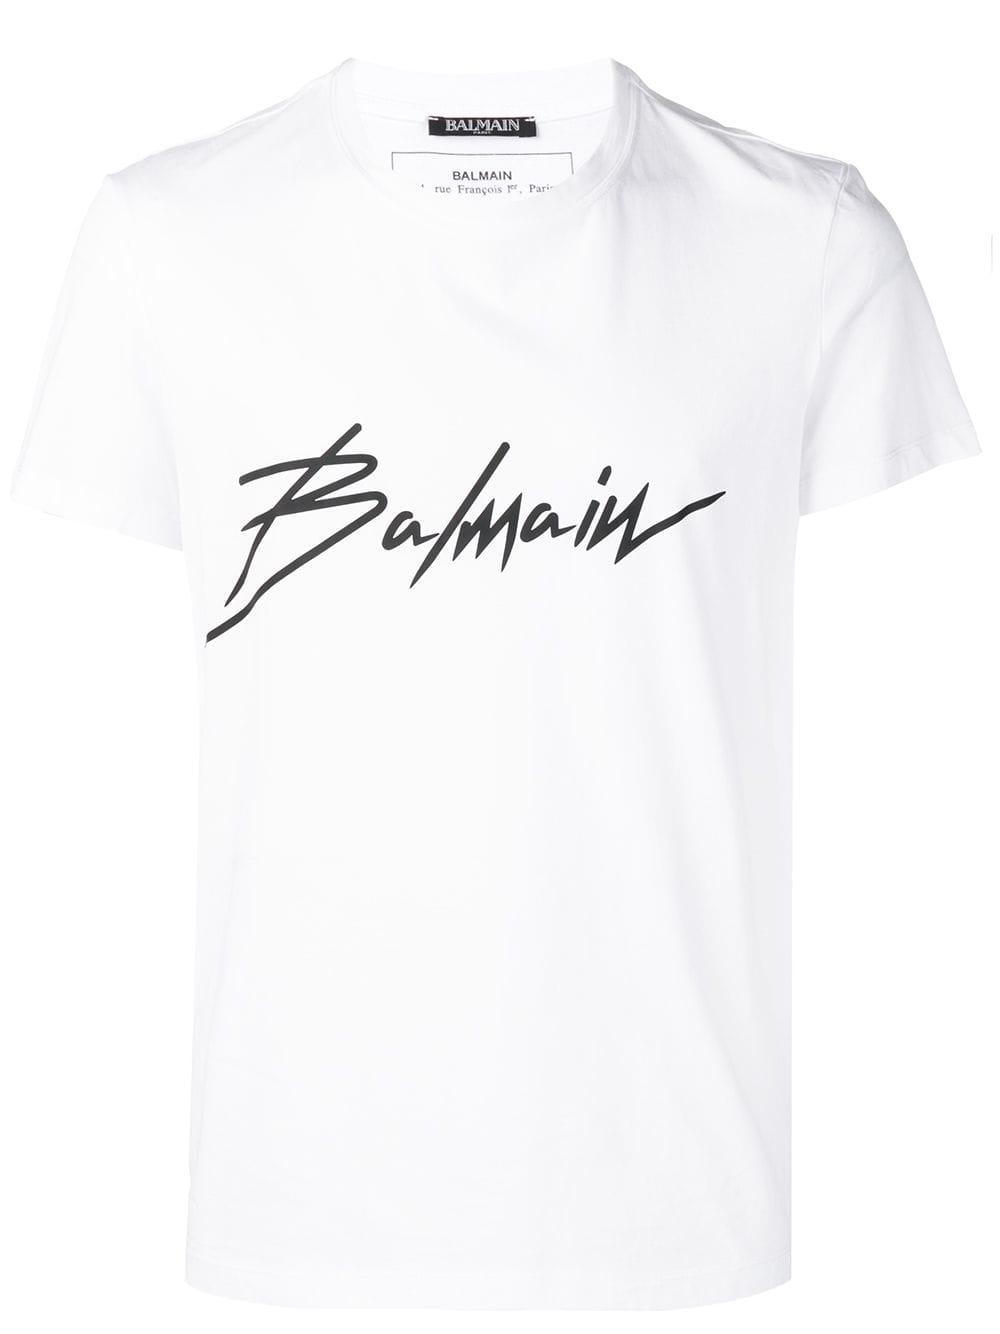 edc133a4 BALMAIN BALMAIN LOGO PRINT T-SHIRT - WHITE. #balmain #cloth ...